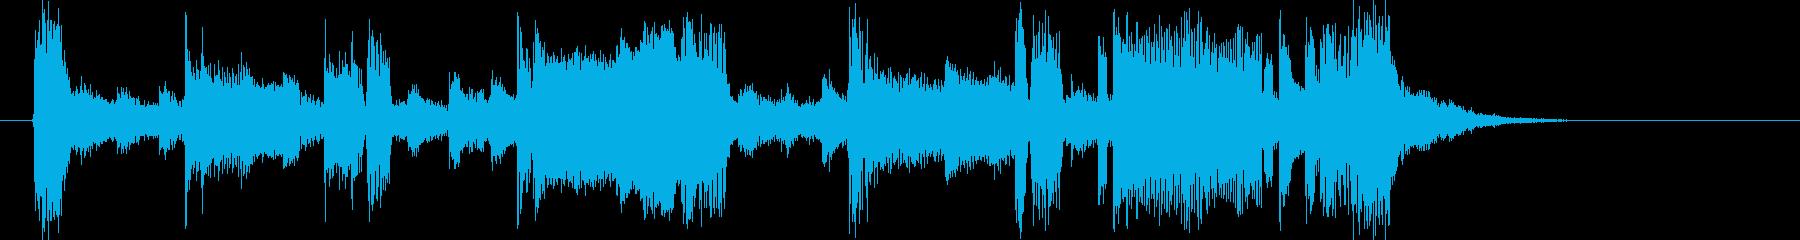 爽やかでありトランペットが印象的なBGMの再生済みの波形